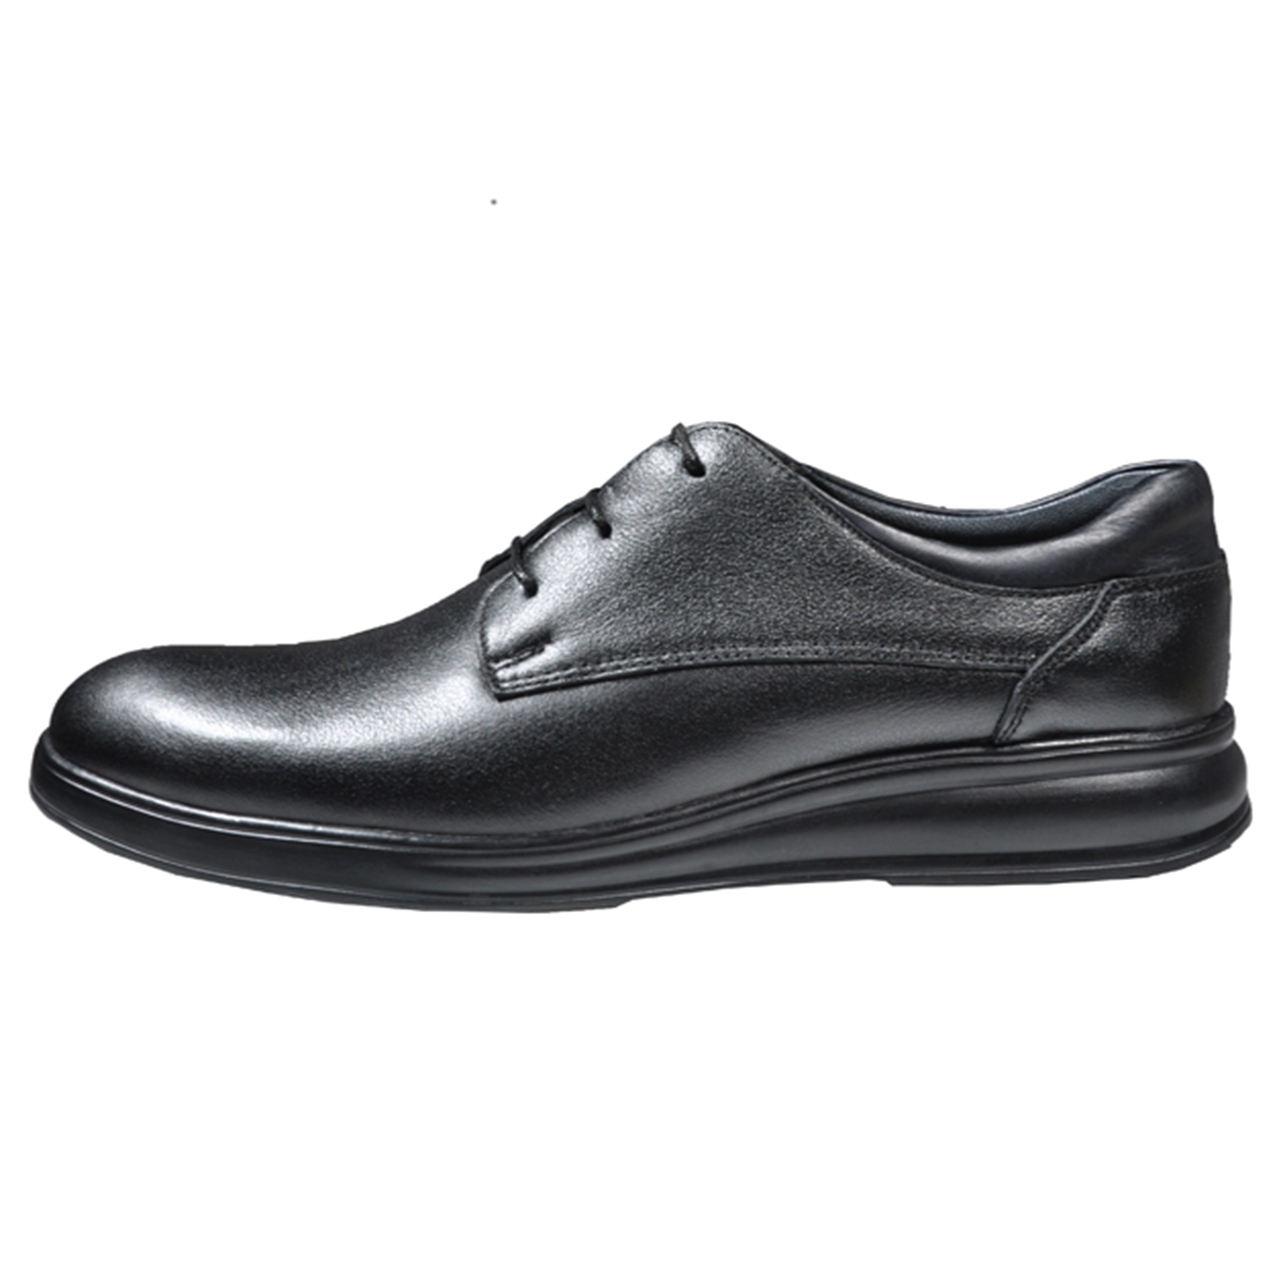 کفش مردانه مدل NG M 2036 M